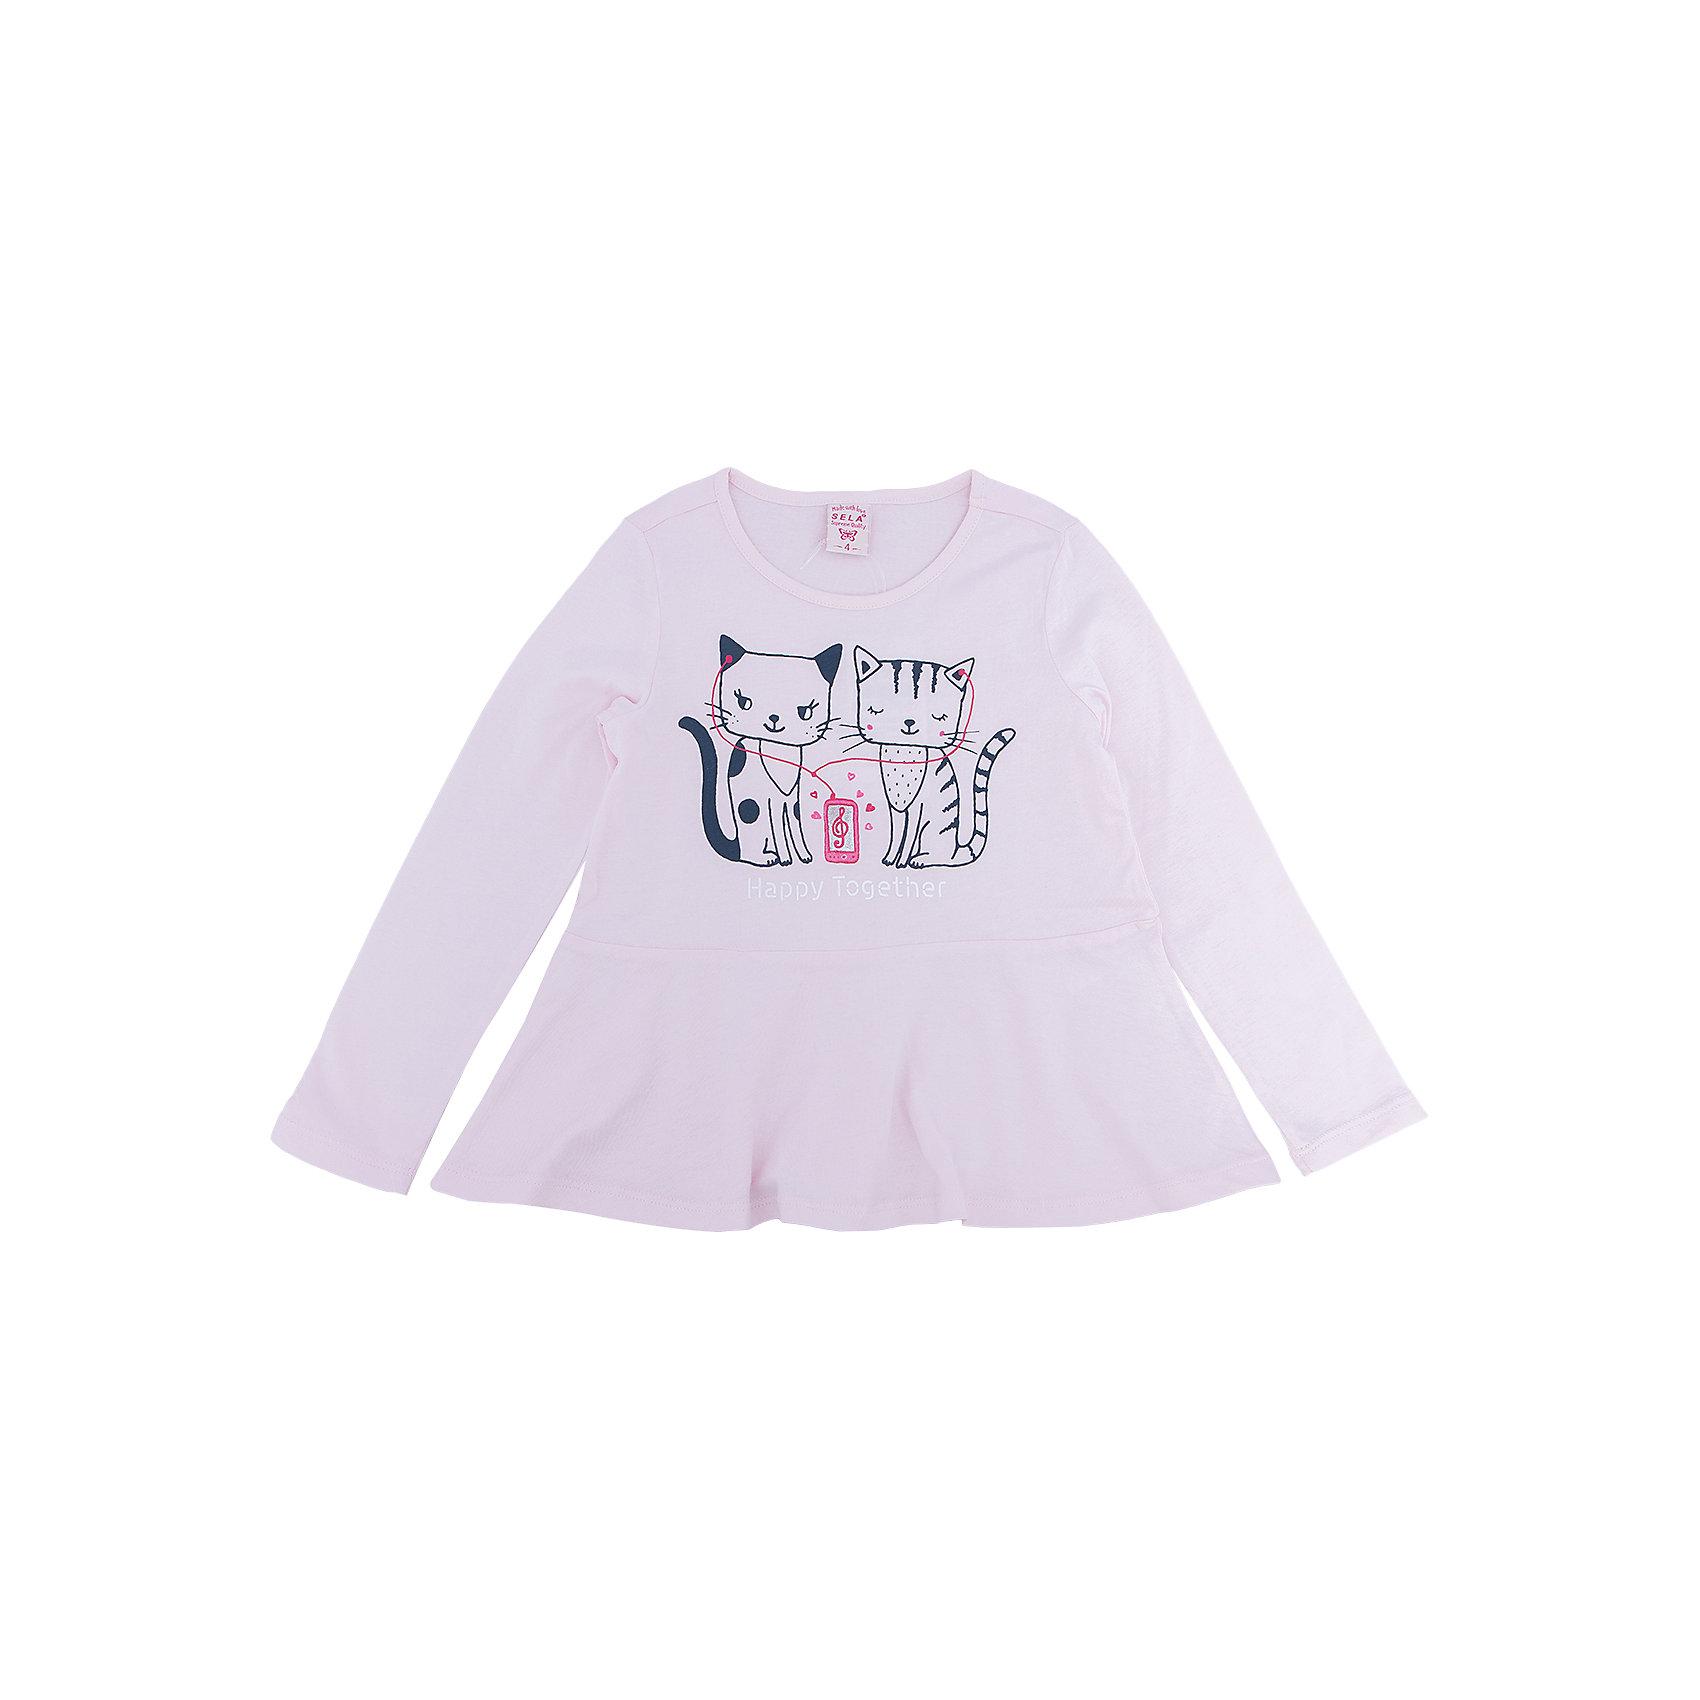 Платье для девочки SELAПлатья и сарафаны<br>Платье с принтом - очень модная вещь. Эта модель отлично сидит на ребенке, она смотрится стильно и нарядно. Приятная на ощупь ткань и качественная фурнитура обеспечивает ребенку комфорт. Модель станет отличной базовой вещью, которая будет уместна в различных сочетаниях.<br>Одежда от бренда Sela (Села) - это качество по приемлемым ценам. Многие российские родители уже оценили преимущества продукции этой компании и всё чаще приобретают одежду и аксессуары Sela.<br><br>Дополнительная информация:<br><br>цвет: бежевый;<br>материал: 100% хлопок;<br>с принтом;<br>длинный рукав.<br><br>Платье для девочки от бренда Sela можно купить в нашем интернет-магазине.<br><br>Ширина мм: 236<br>Глубина мм: 16<br>Высота мм: 184<br>Вес г: 177<br>Цвет: бежевый<br>Возраст от месяцев: 60<br>Возраст до месяцев: 72<br>Пол: Женский<br>Возраст: Детский<br>Размер: 116,92,98,104,110<br>SKU: 5008233